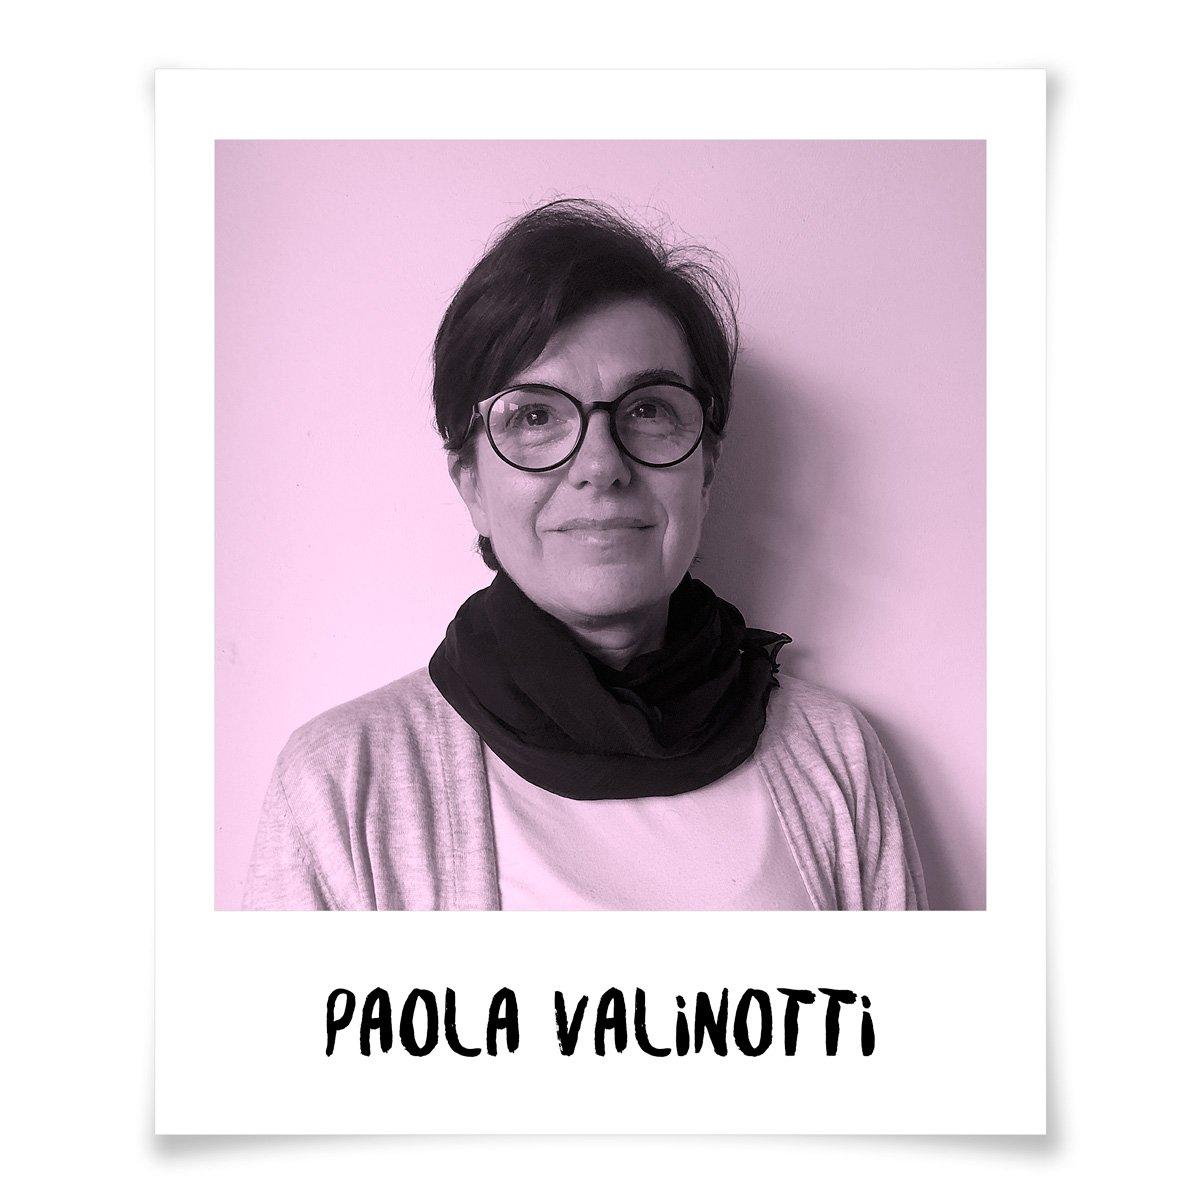 Paola_Valinotti_ok